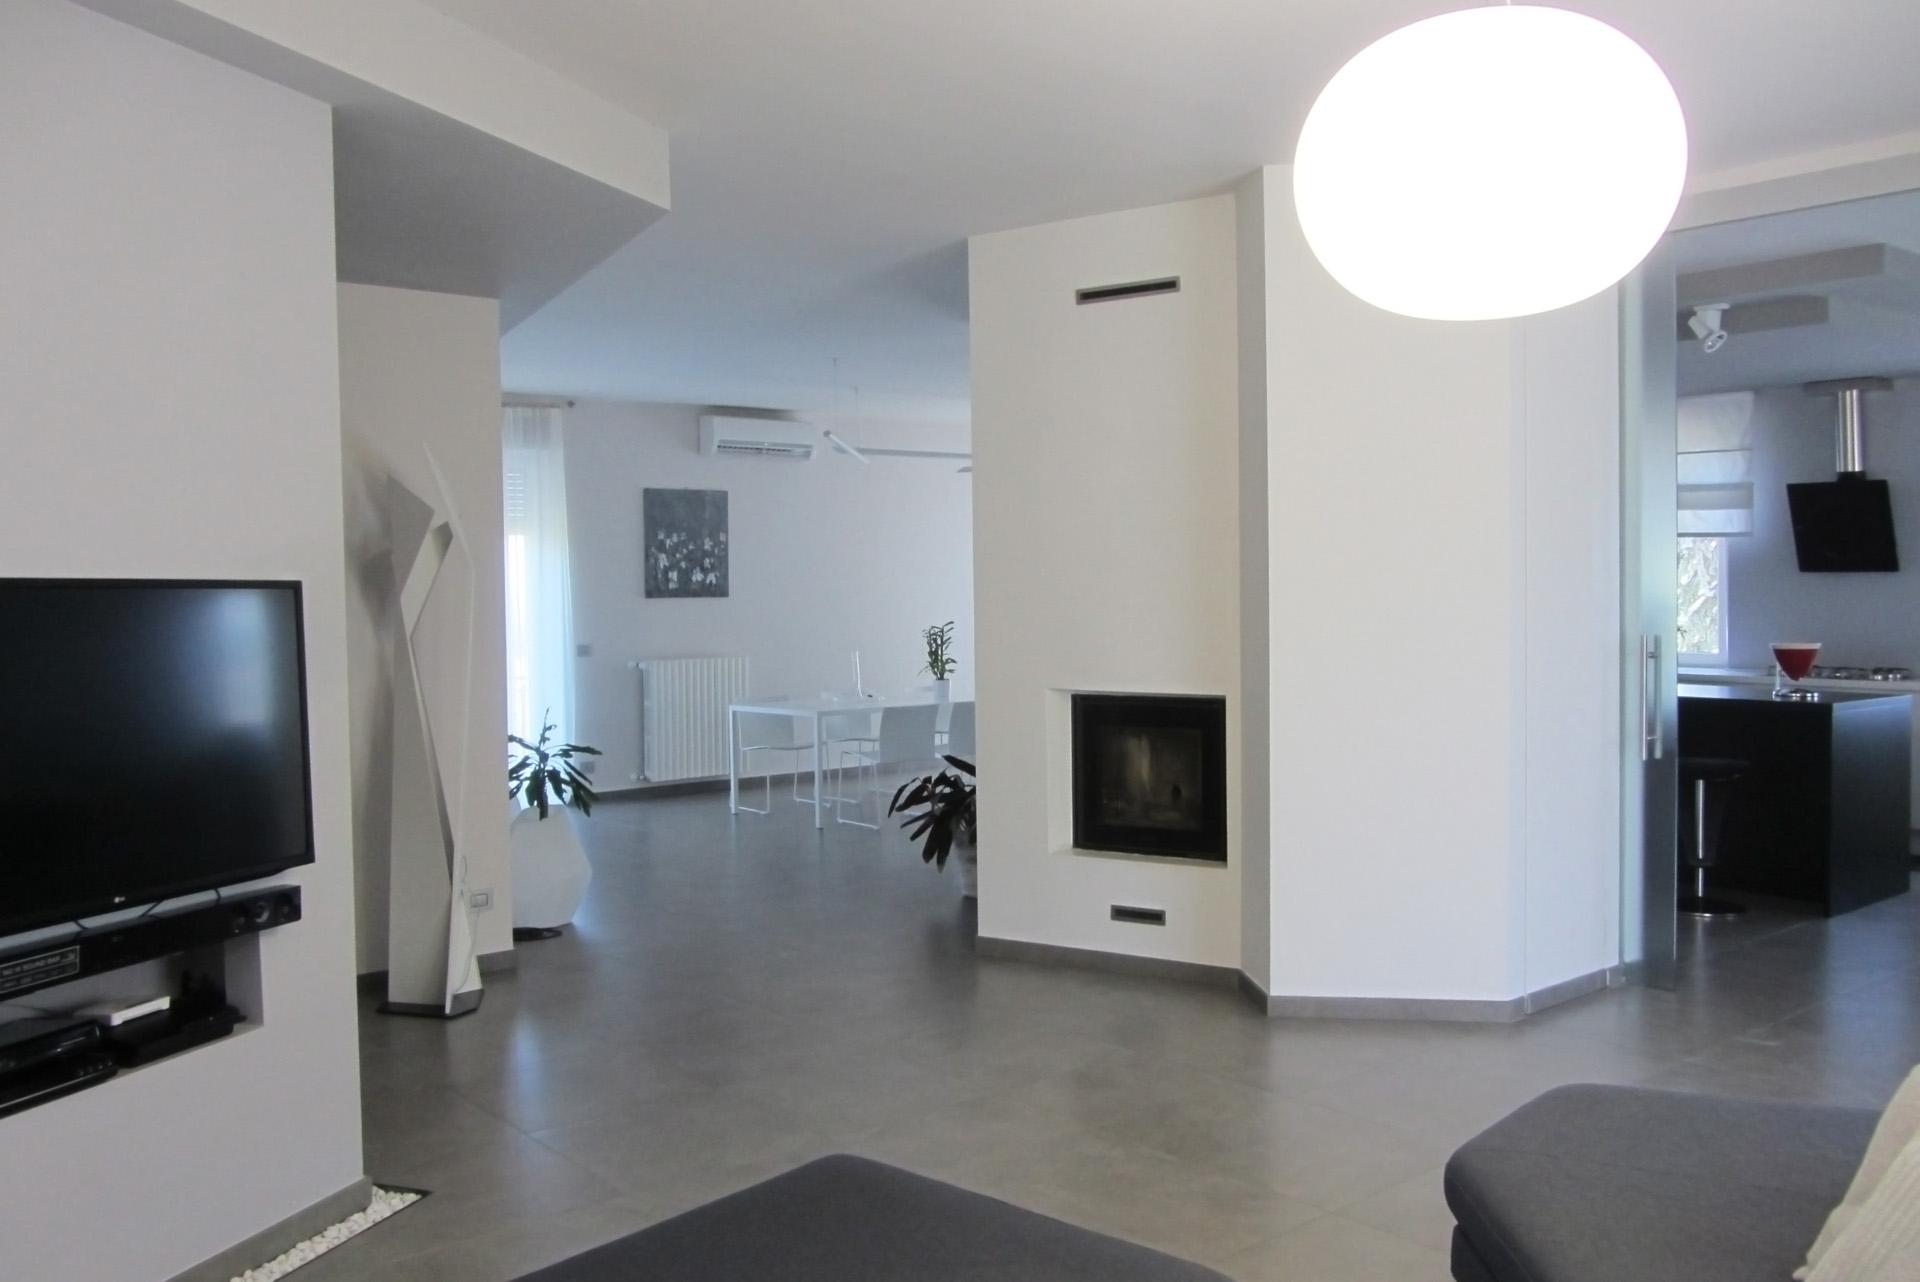 AG-architettura_home_11